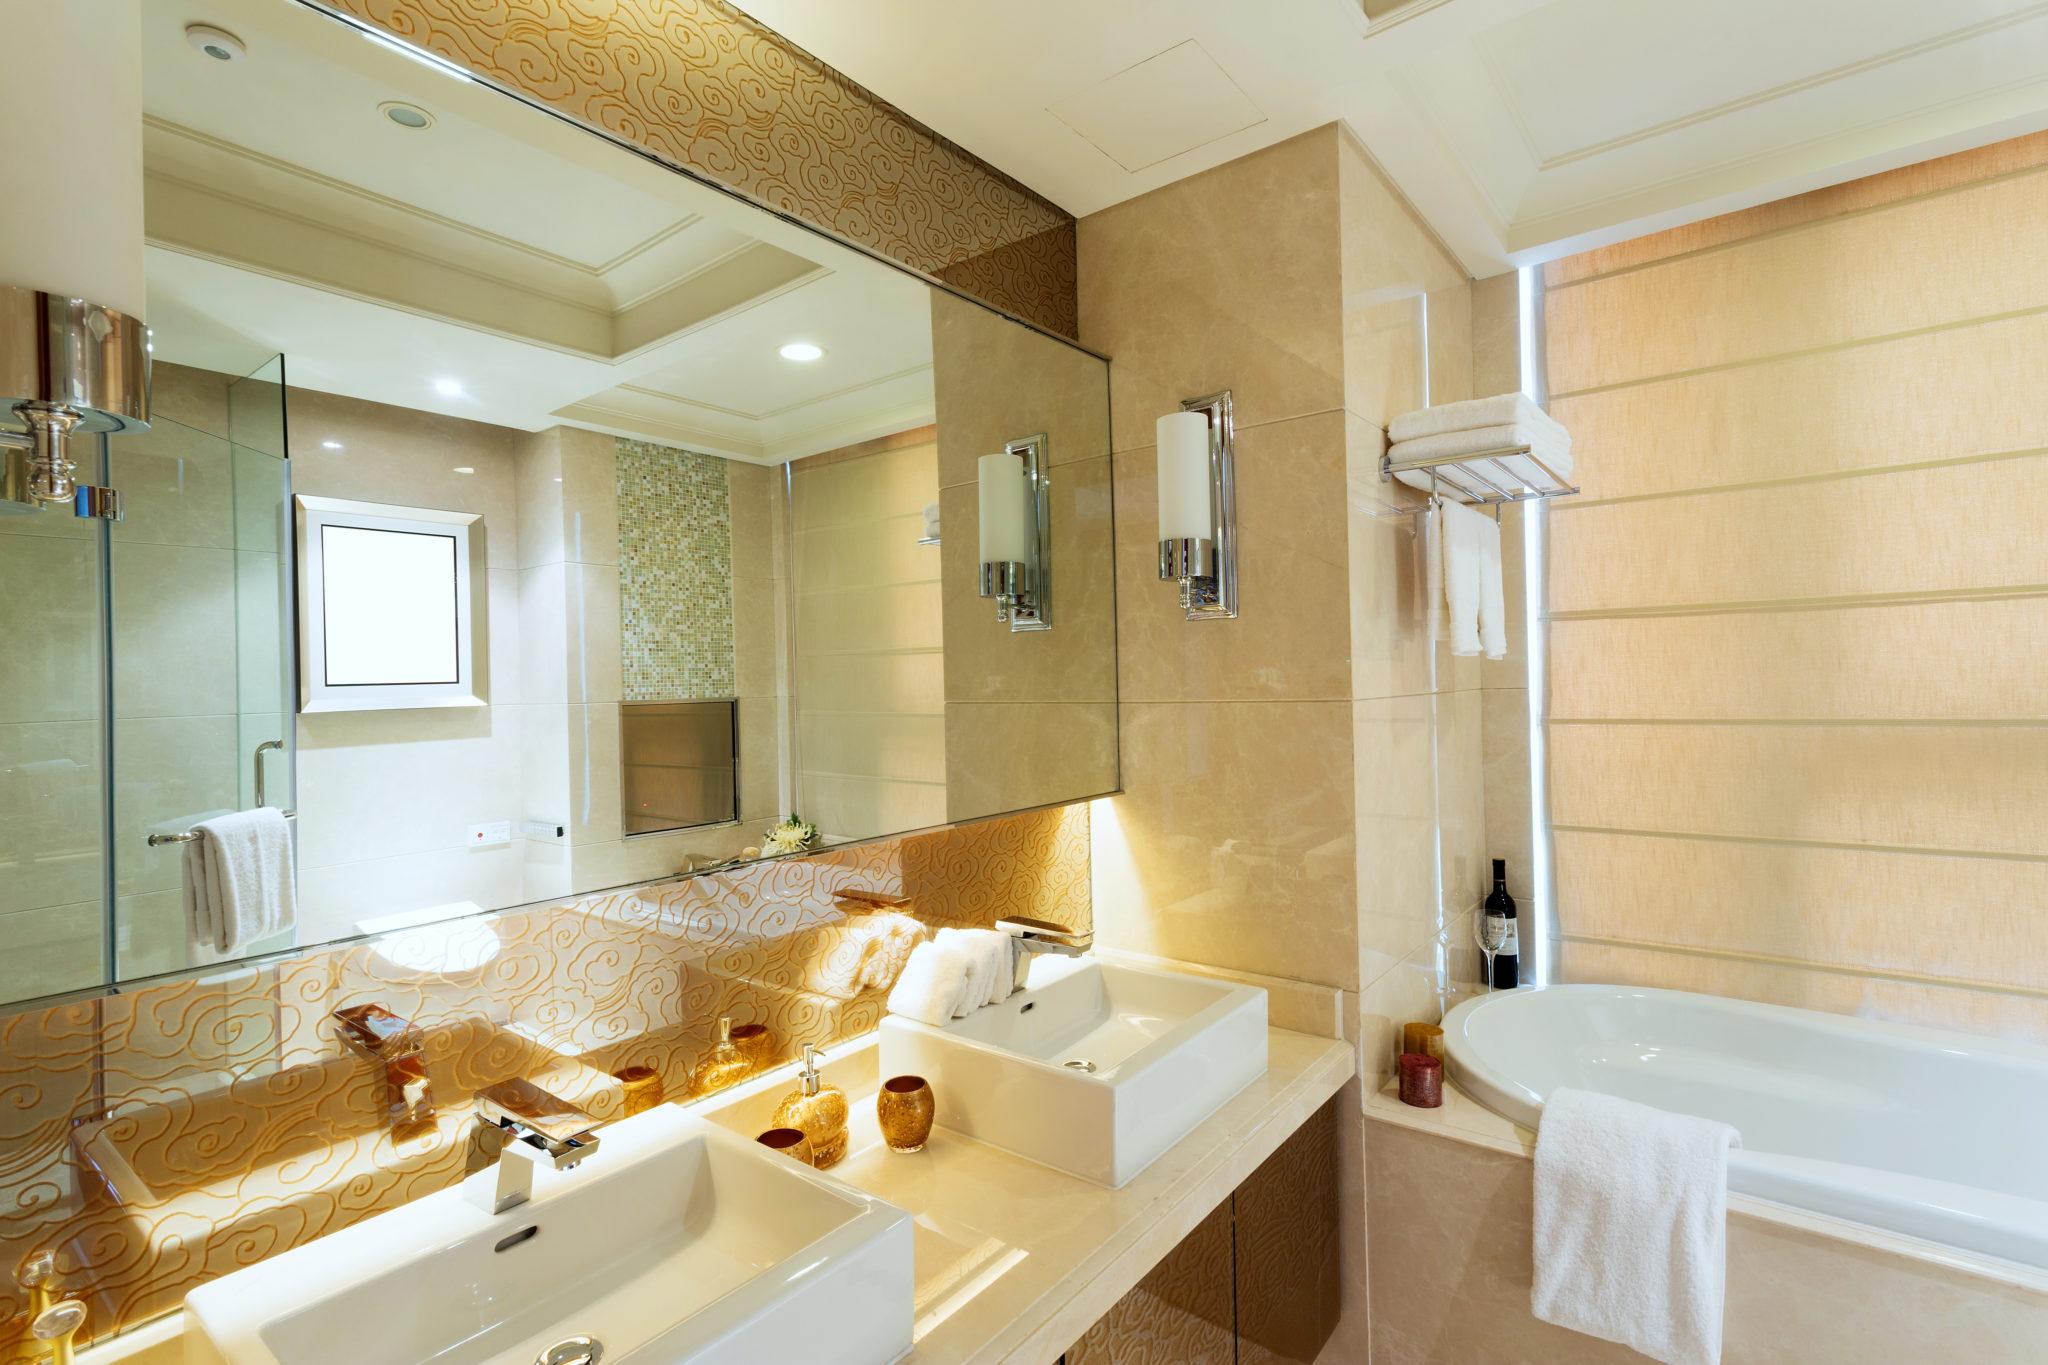 Comment viter les odeurs de canalisation dans une salle - Mauvaise odeur dans canalisation salle de bain ...